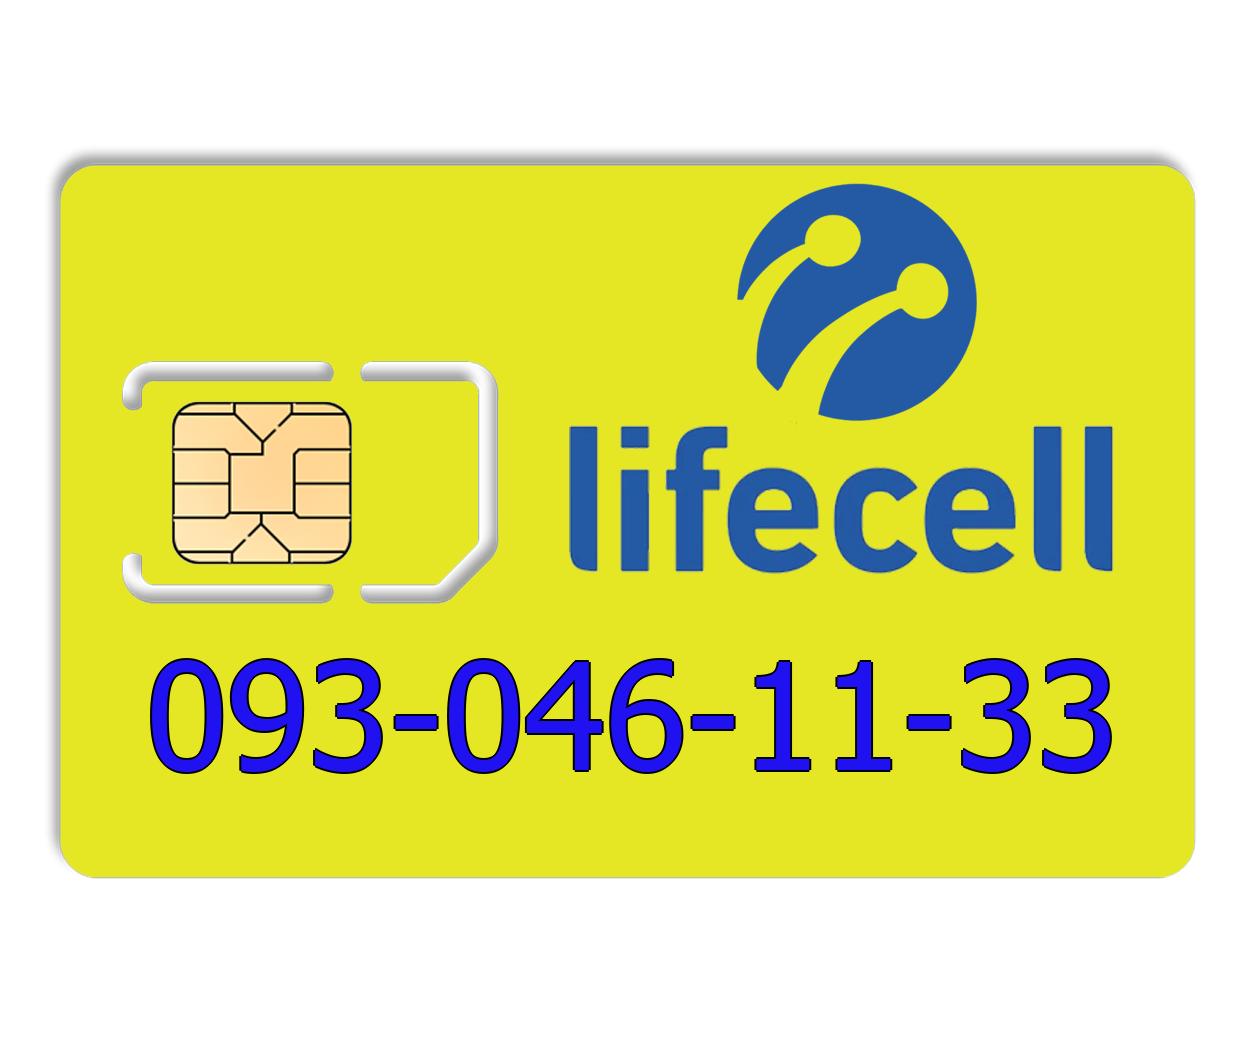 Красивый номер lifecell 093-046-11-33